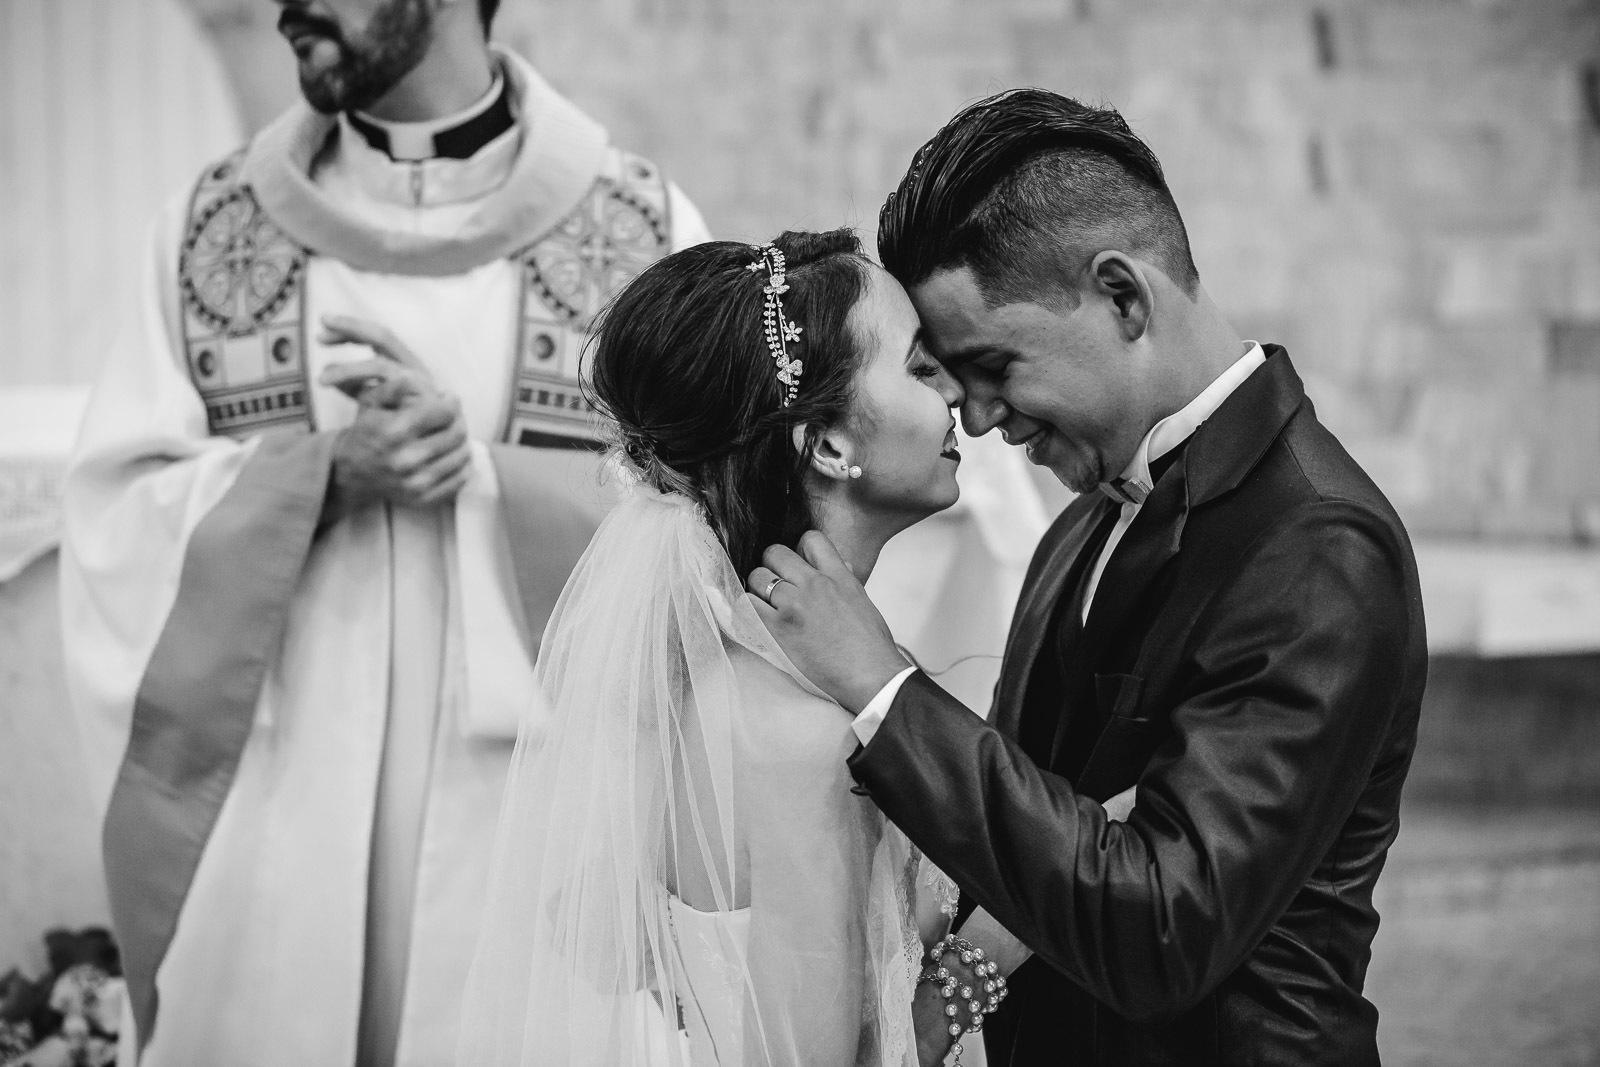 Sobre Fotógrafo de casamento Rio de Janeiro - RJ  Célio ferreira Fotografia